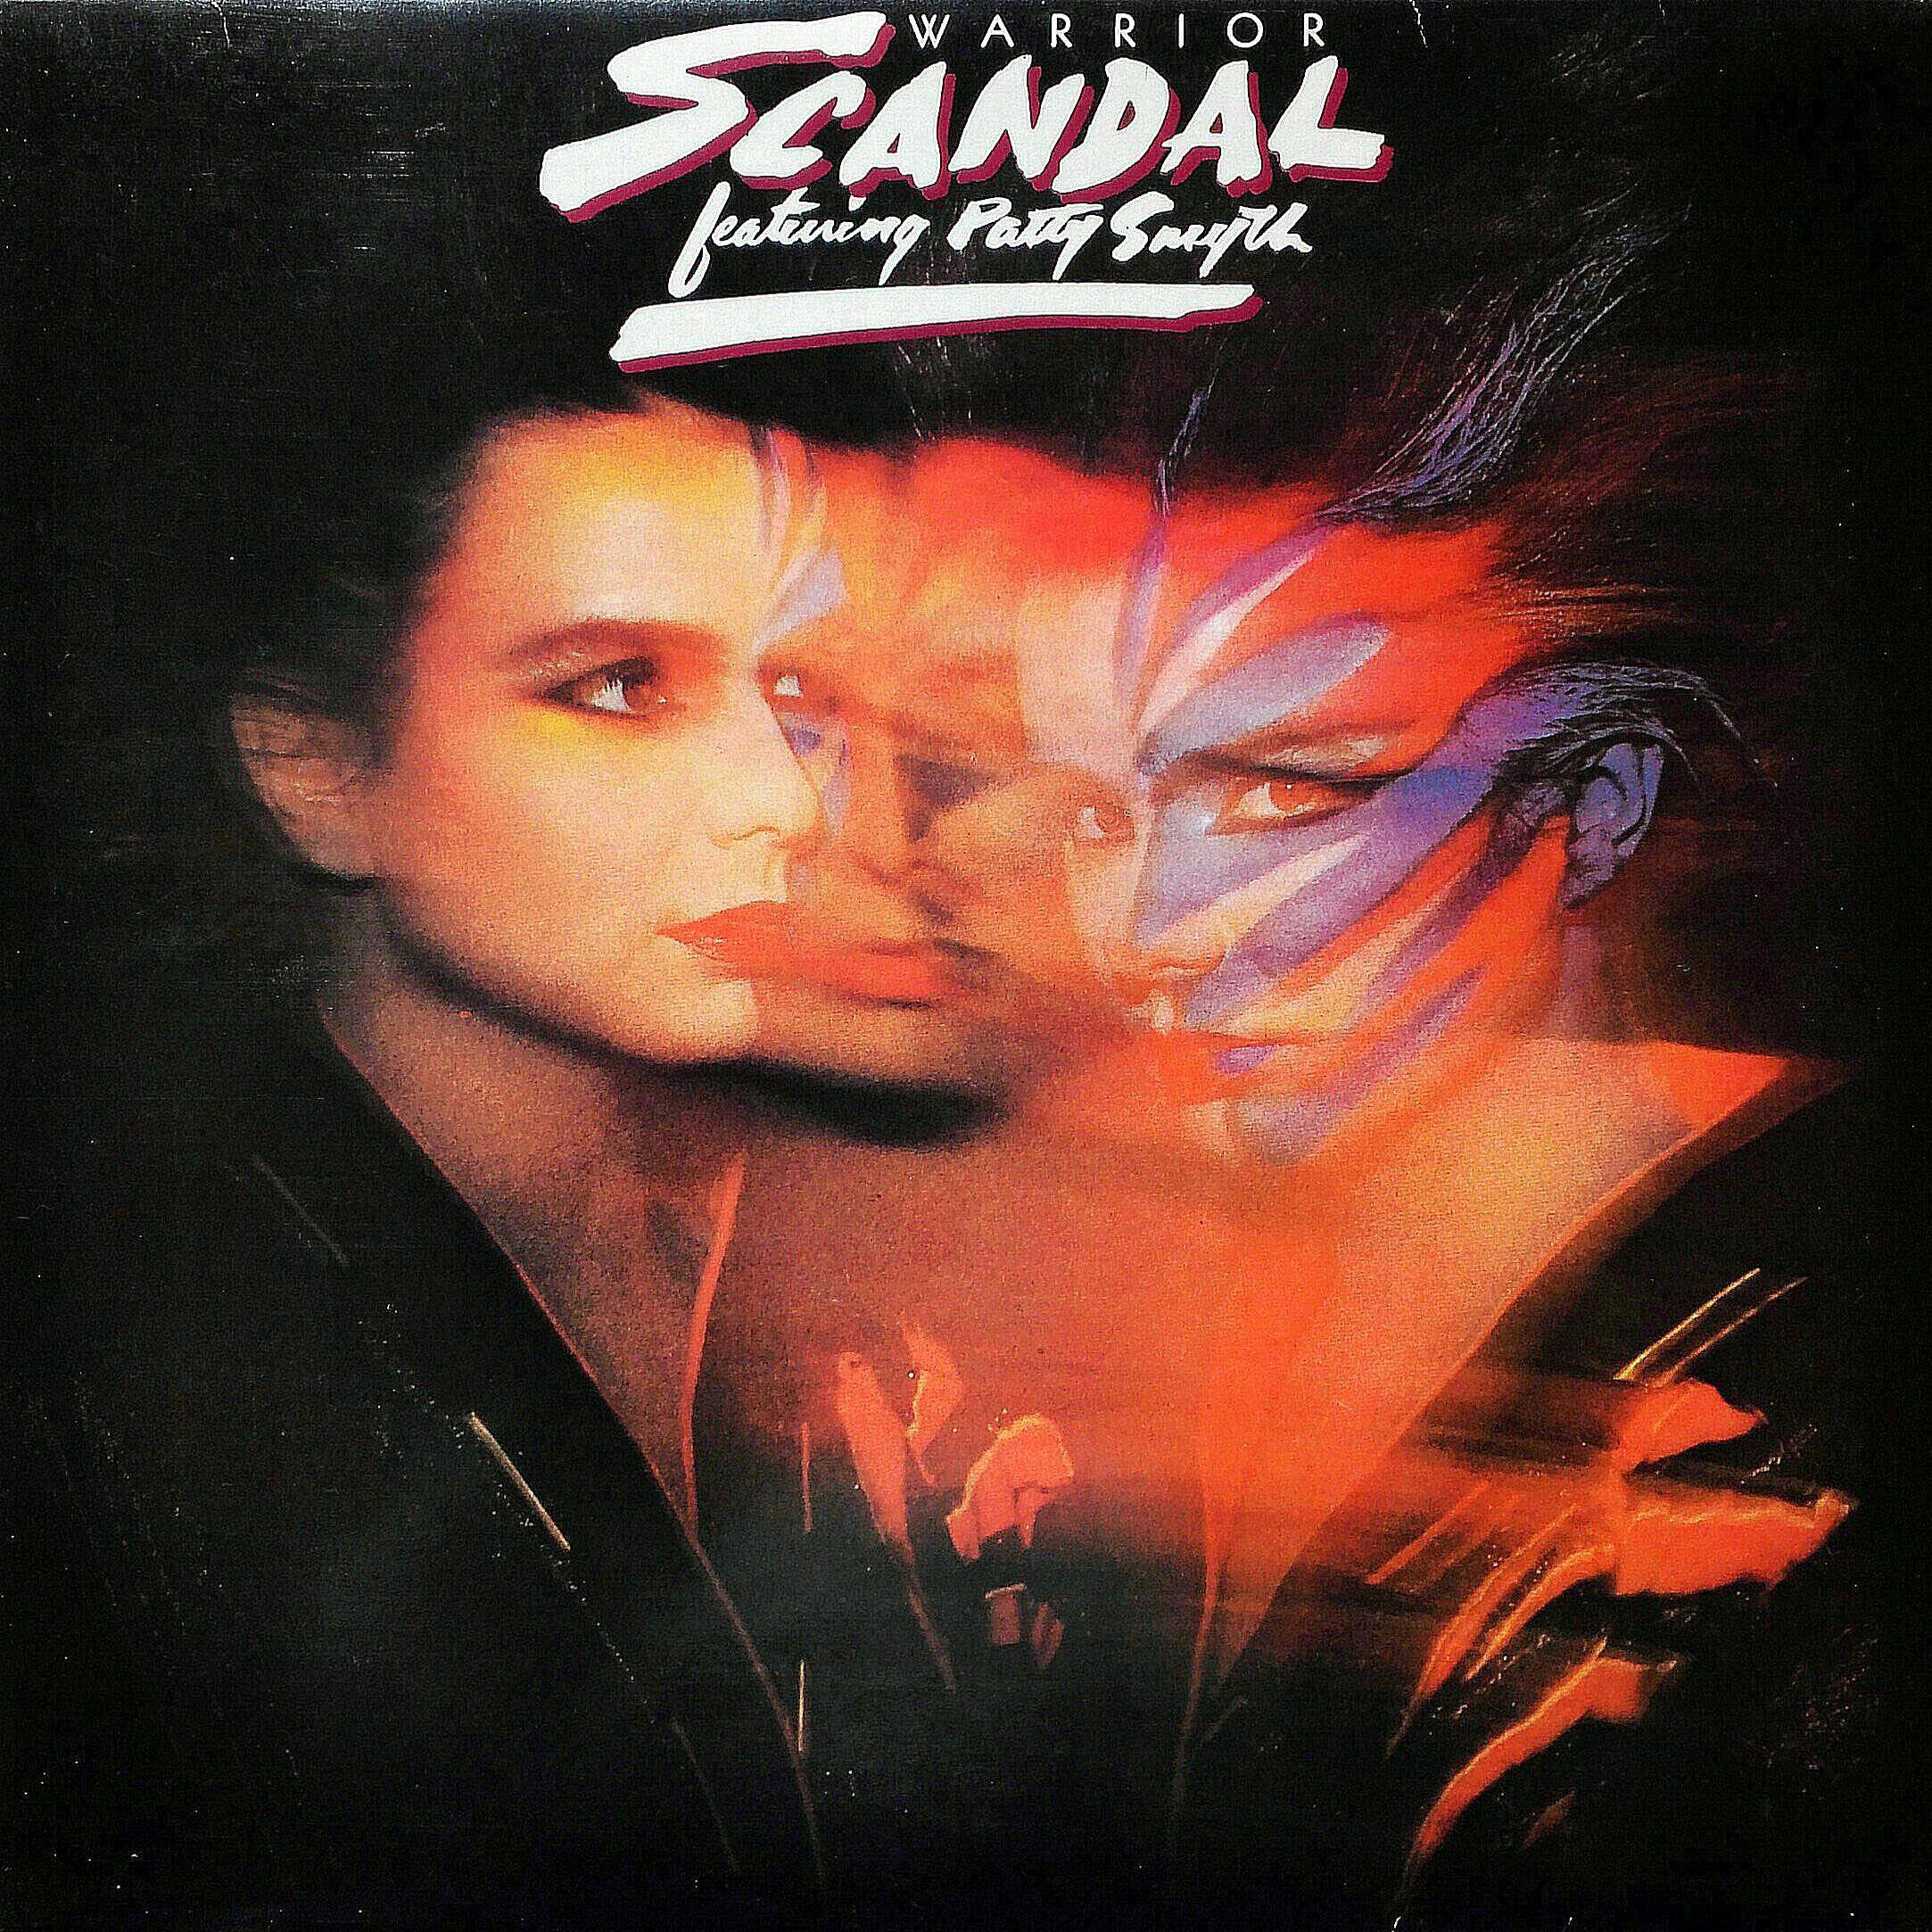 Scandal-Warrior.jpg